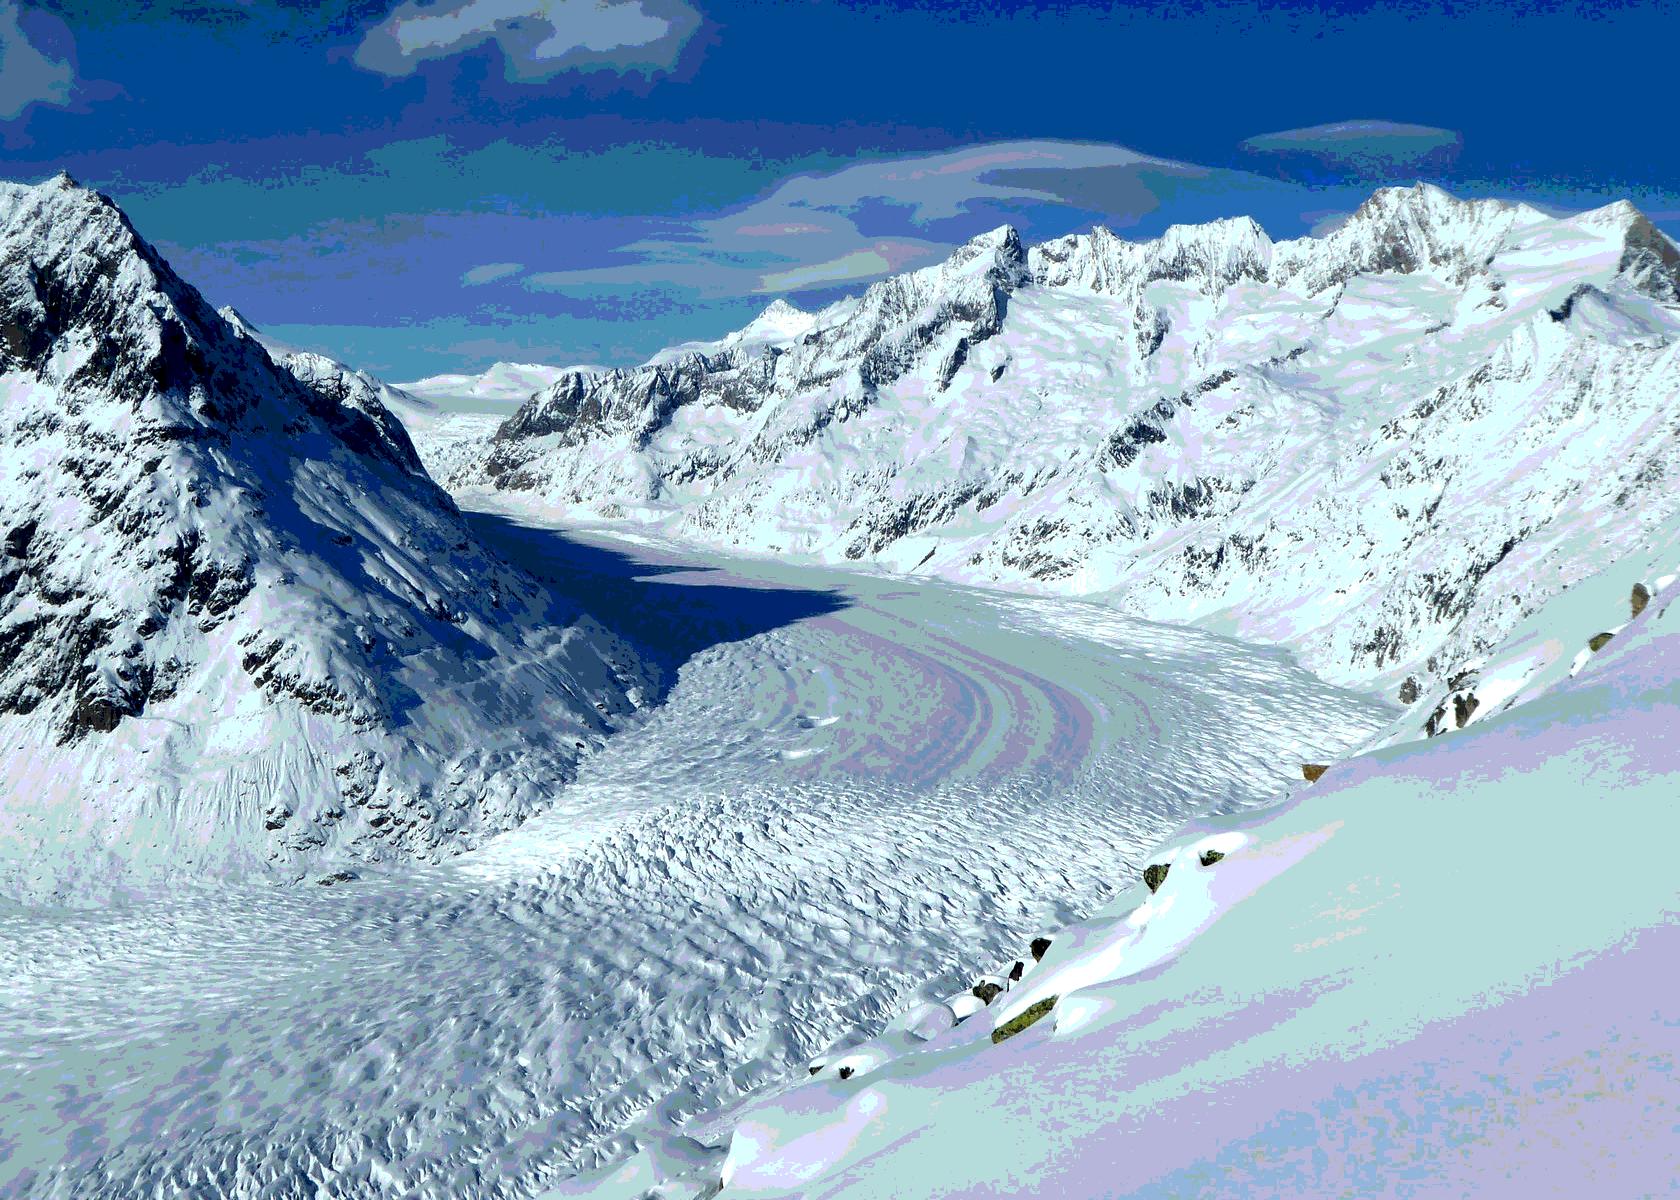 горные лыжи, прокат лыж, сноуборд